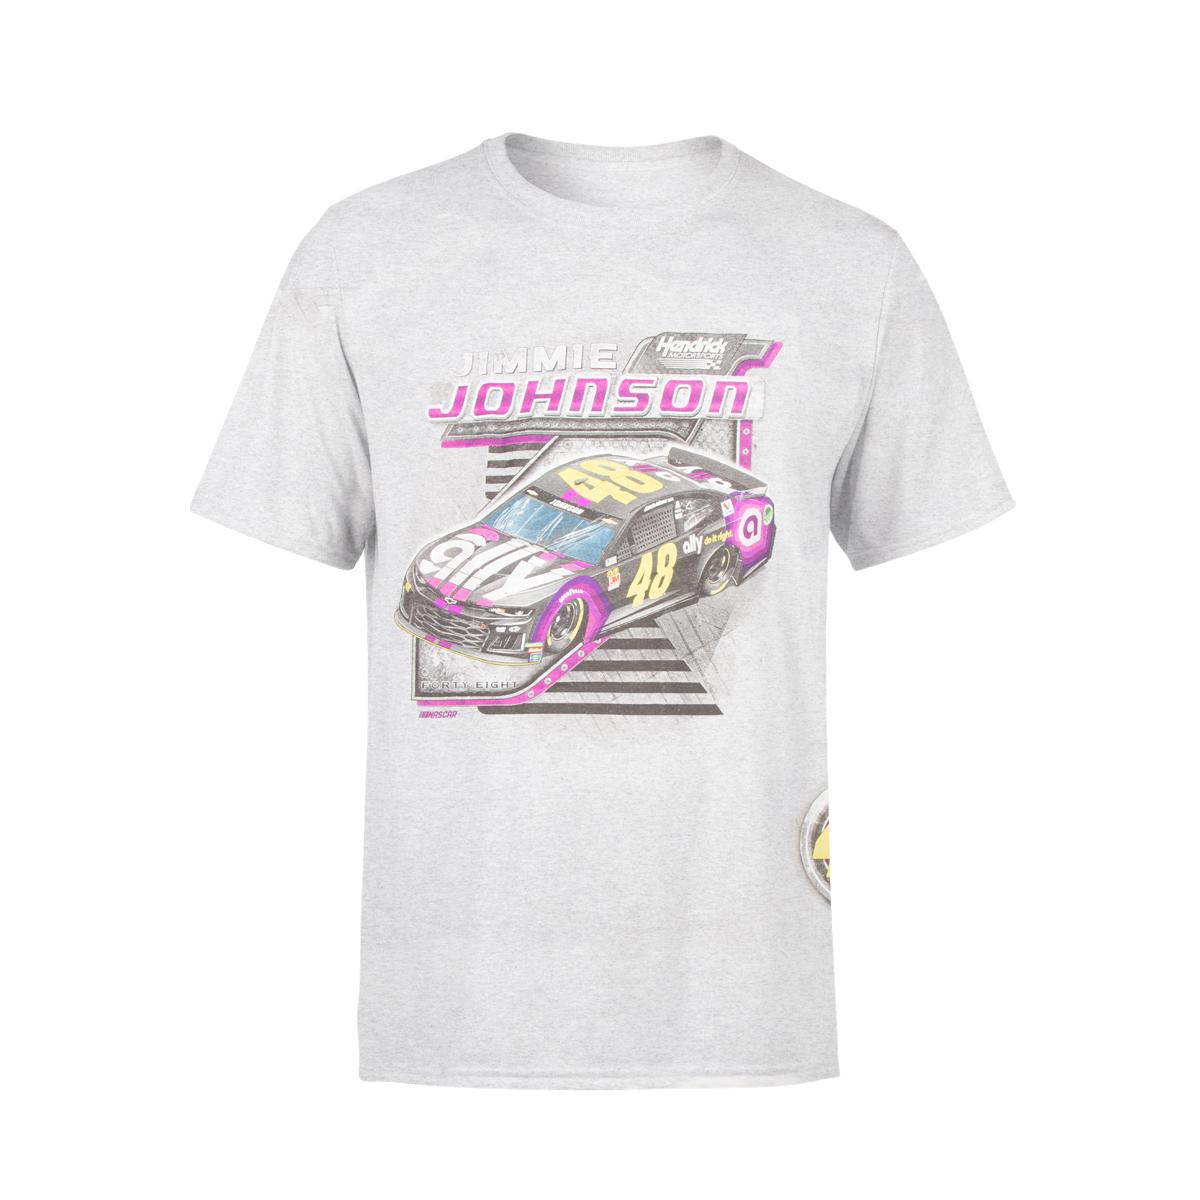 Jimmie Johnson #48 2019 NASCAR Full Throttle T-shirt